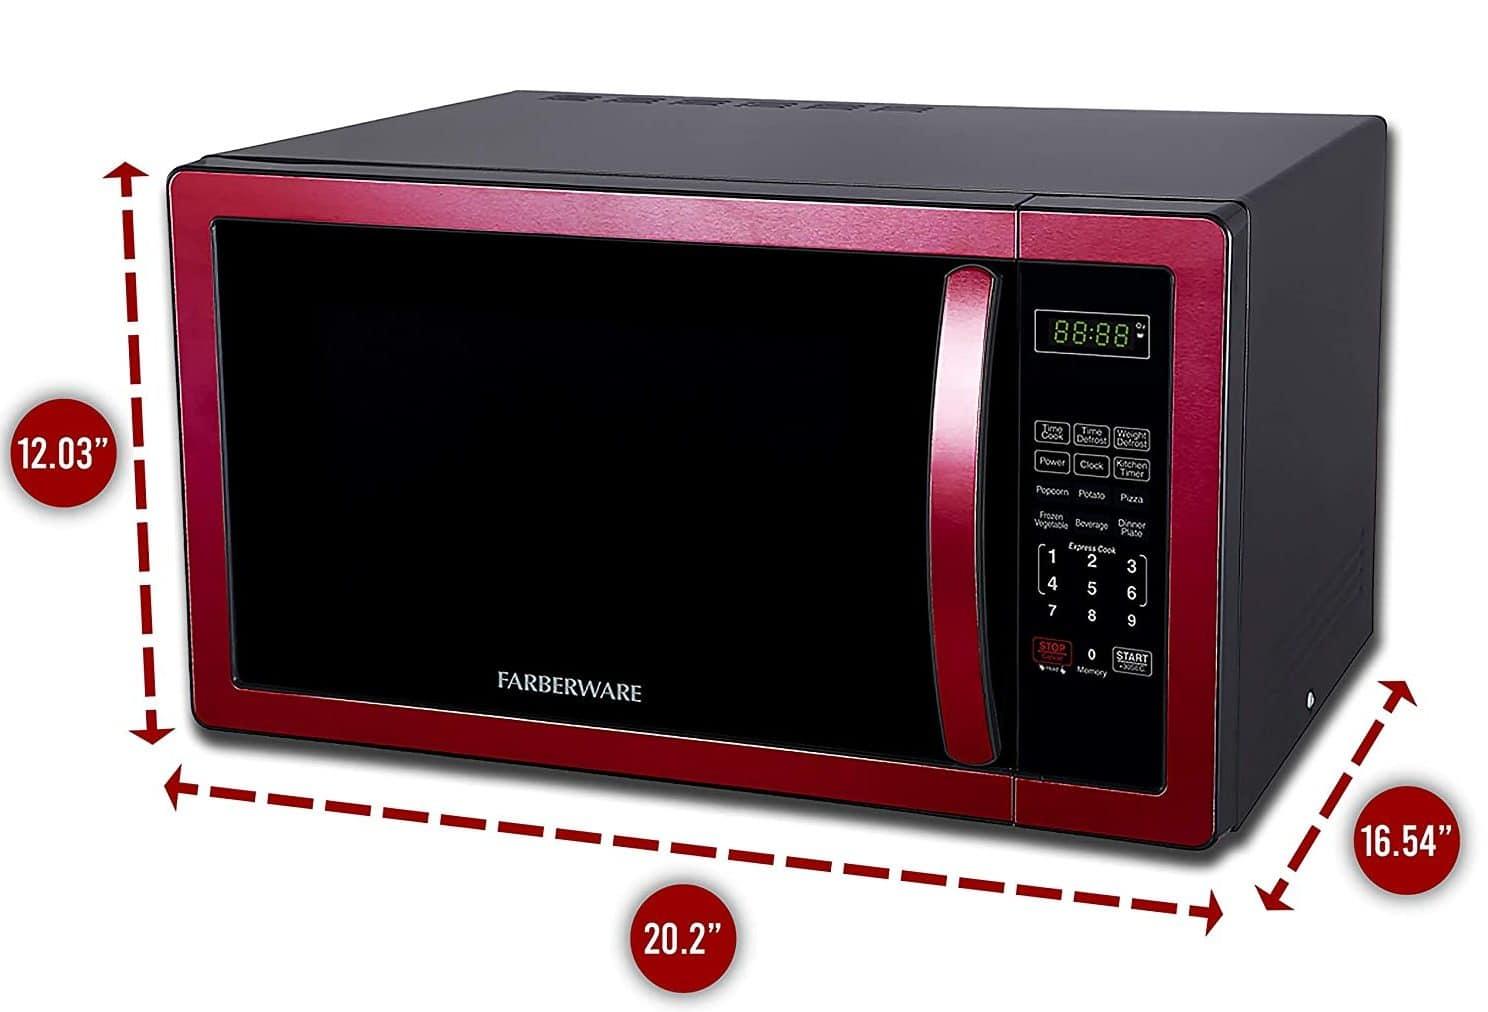 Best 1000 watt microwave oven